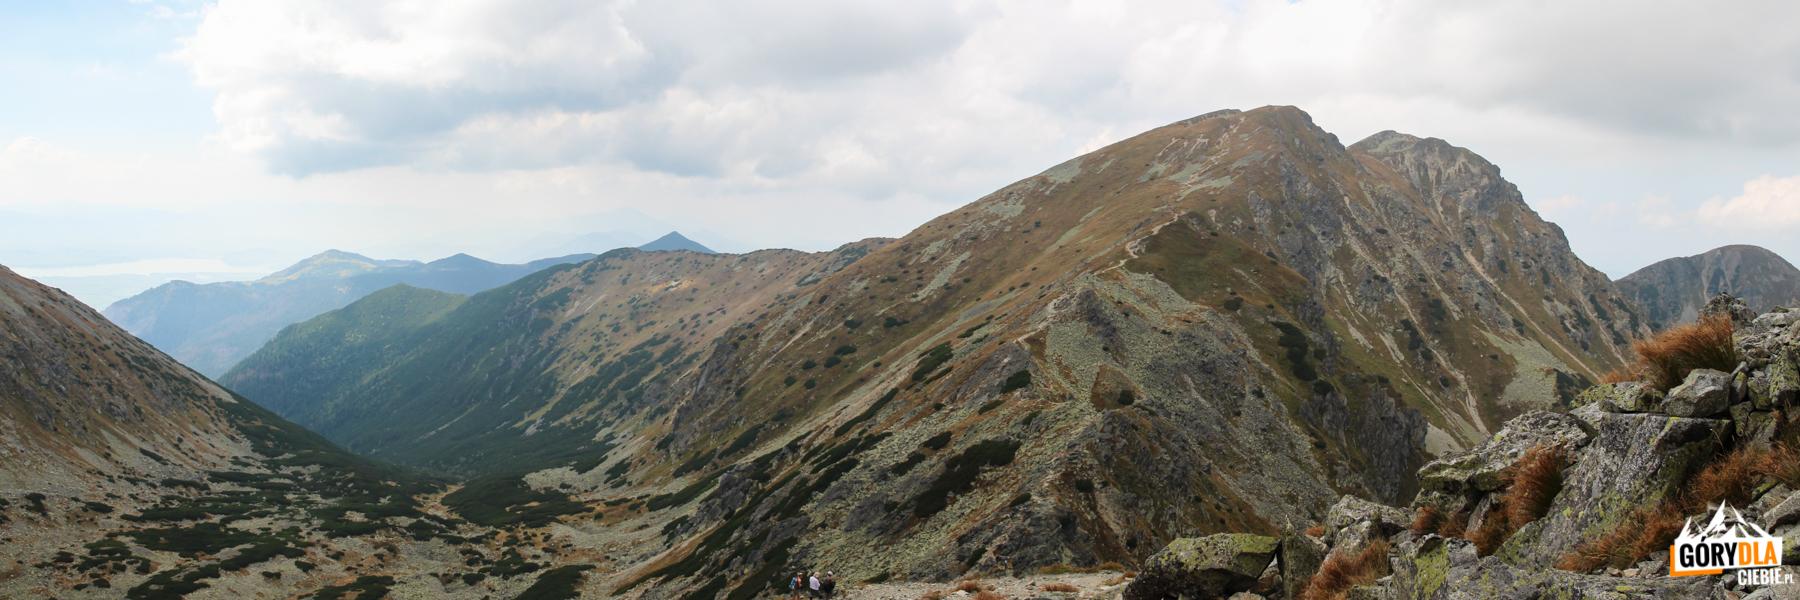 Dolina Głęboka iszczyty Salatyna widaizne zgrani podSpaloną Kopą (2083 m)